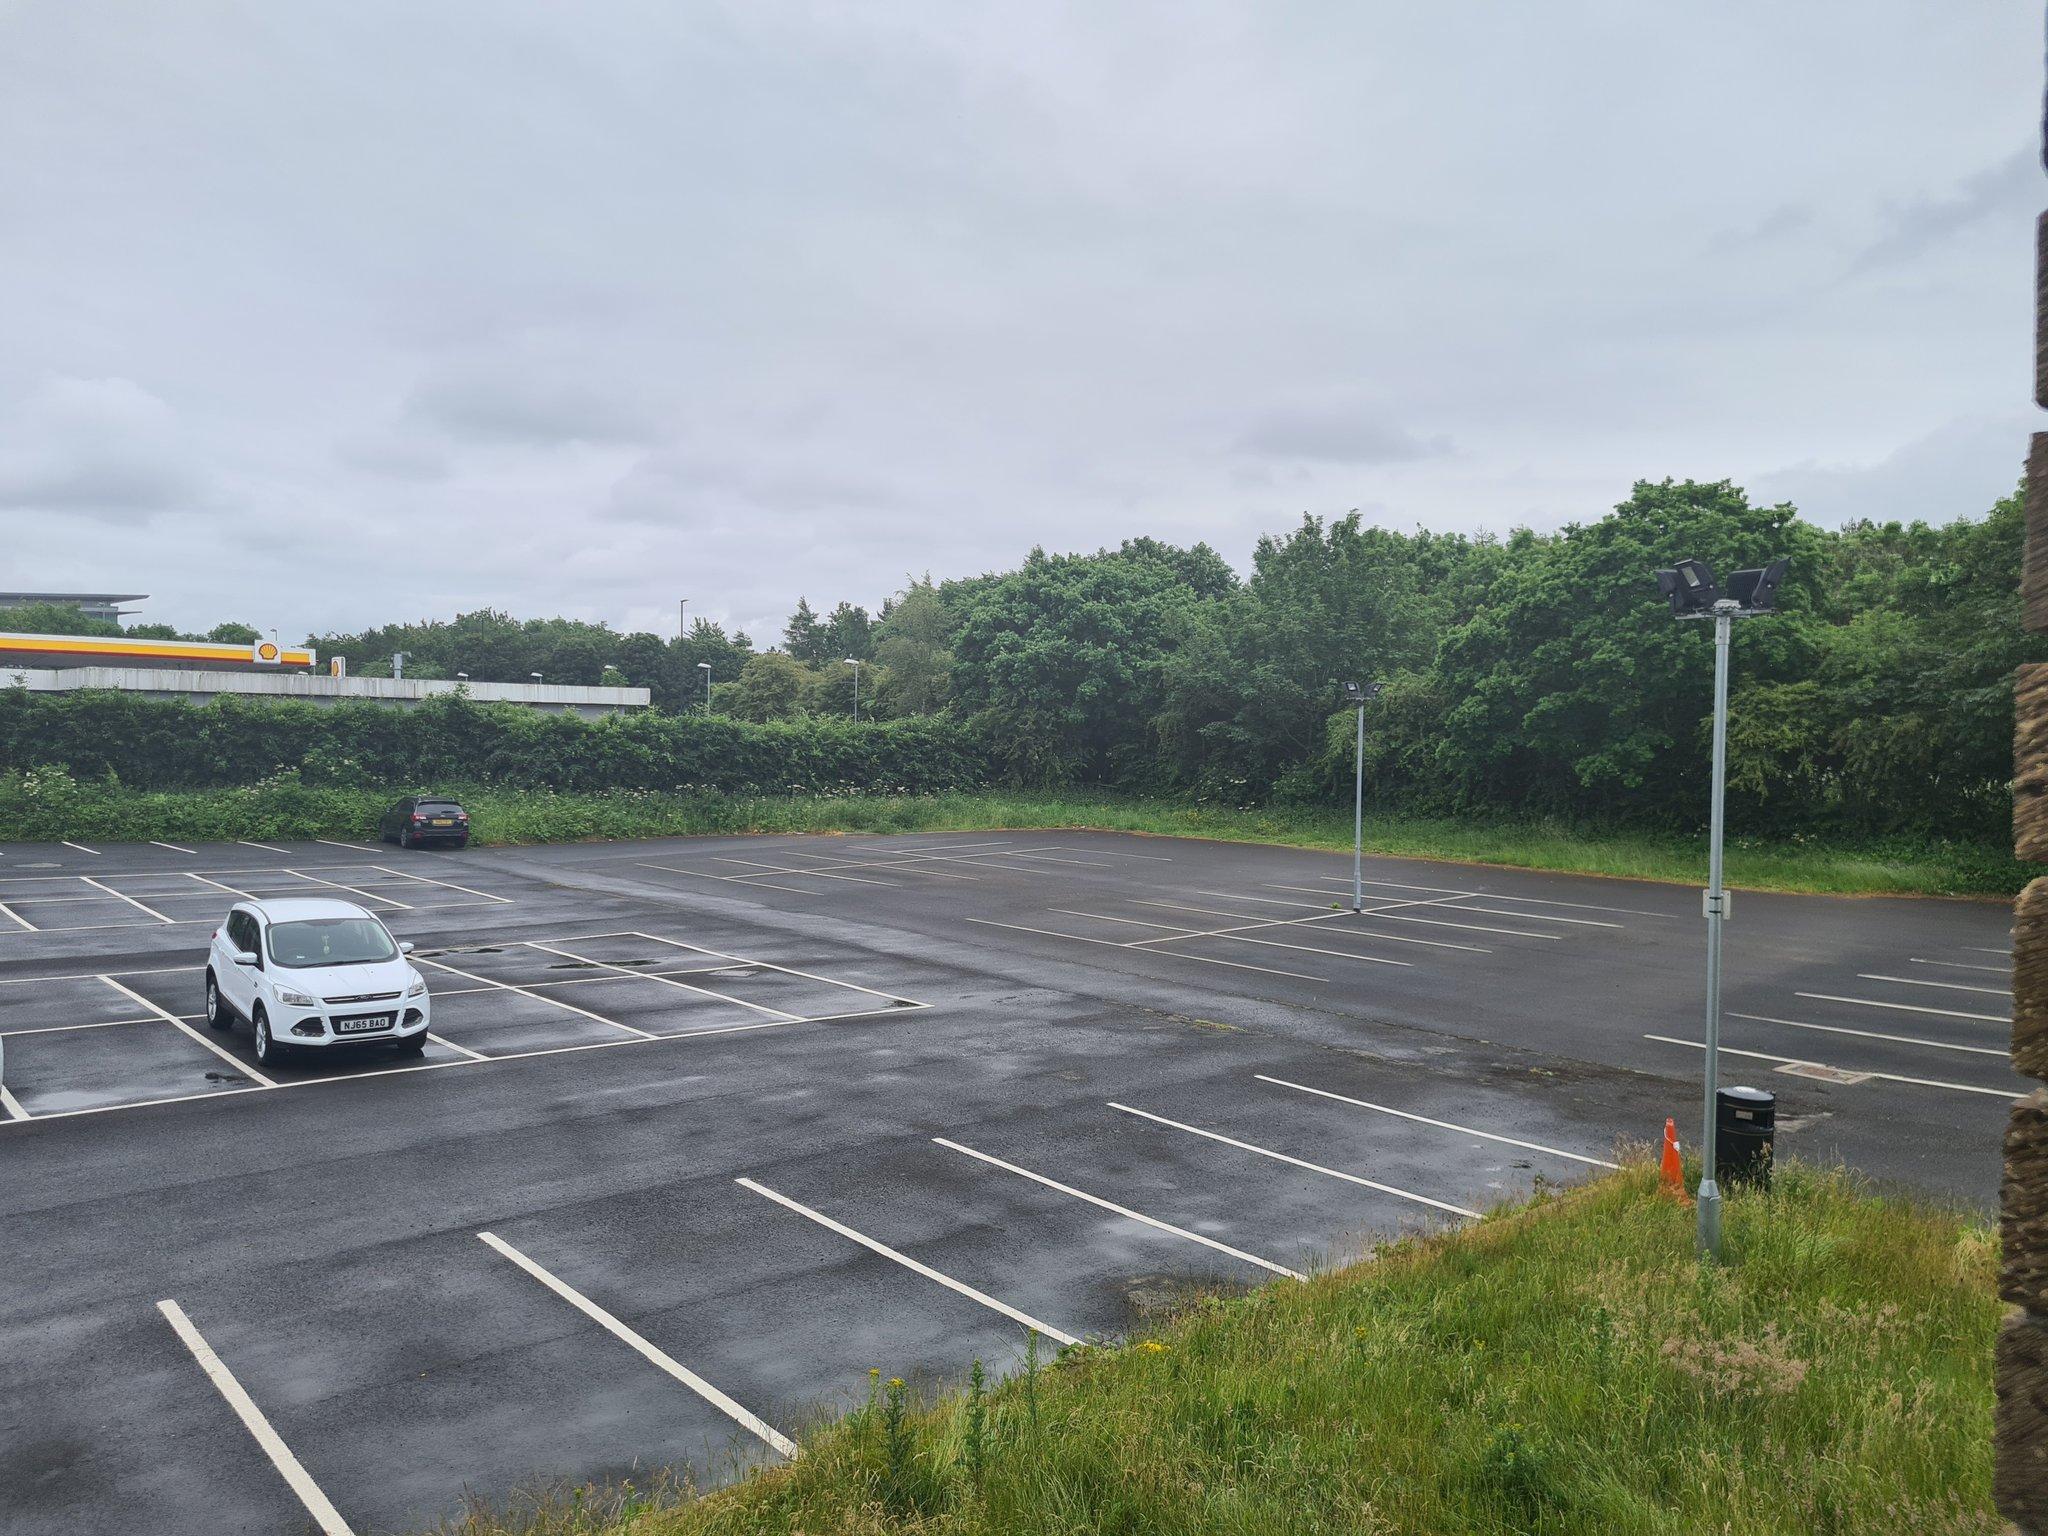 स्टेडियम के बाहर पार्किंग स्लॉट पूरी तरह से खाली नजर आया।